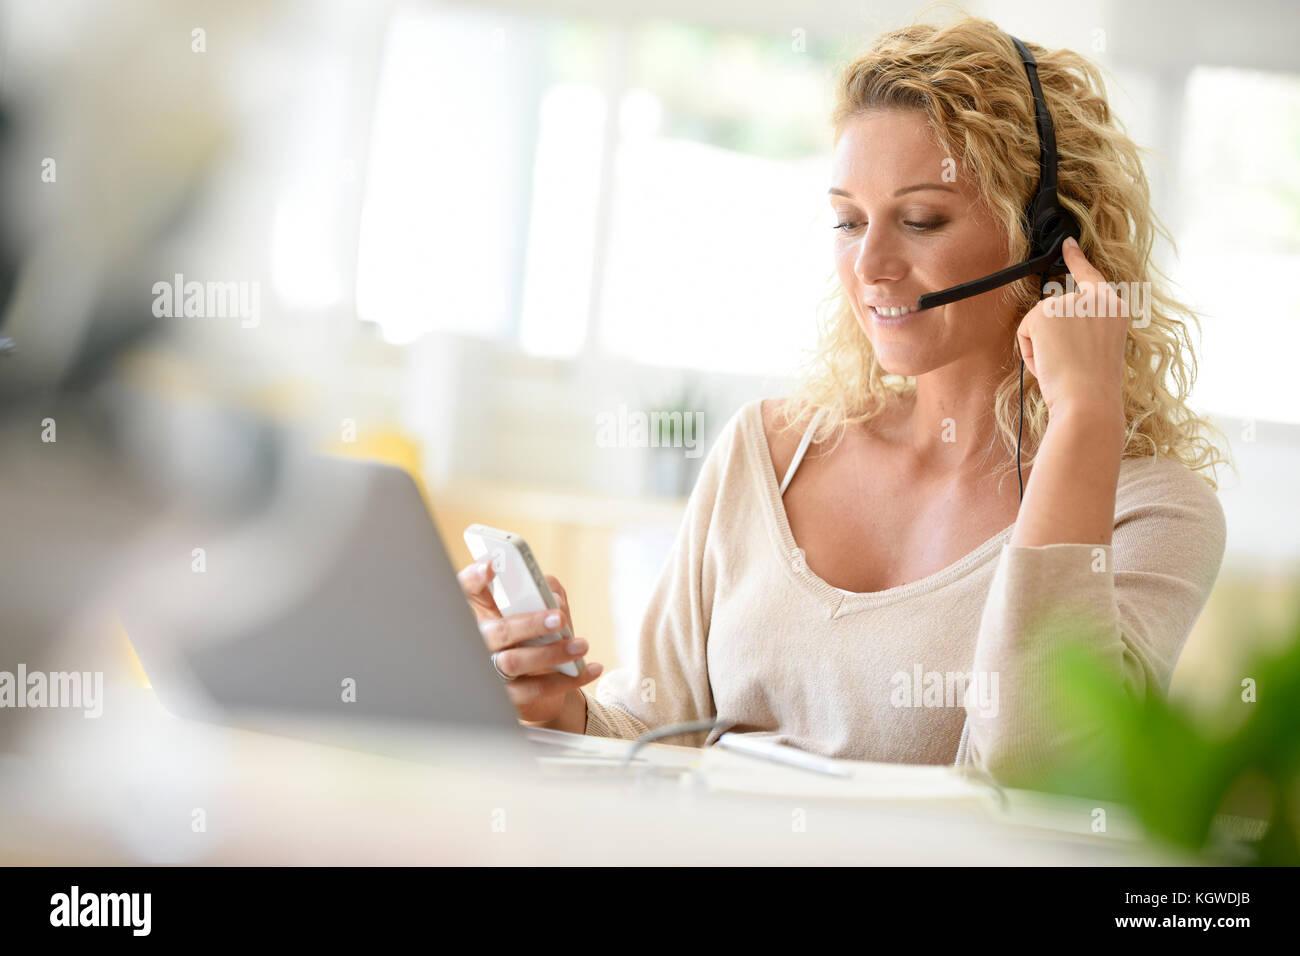 Frau von zu Hause aus arbeiten - Büro Stockbild